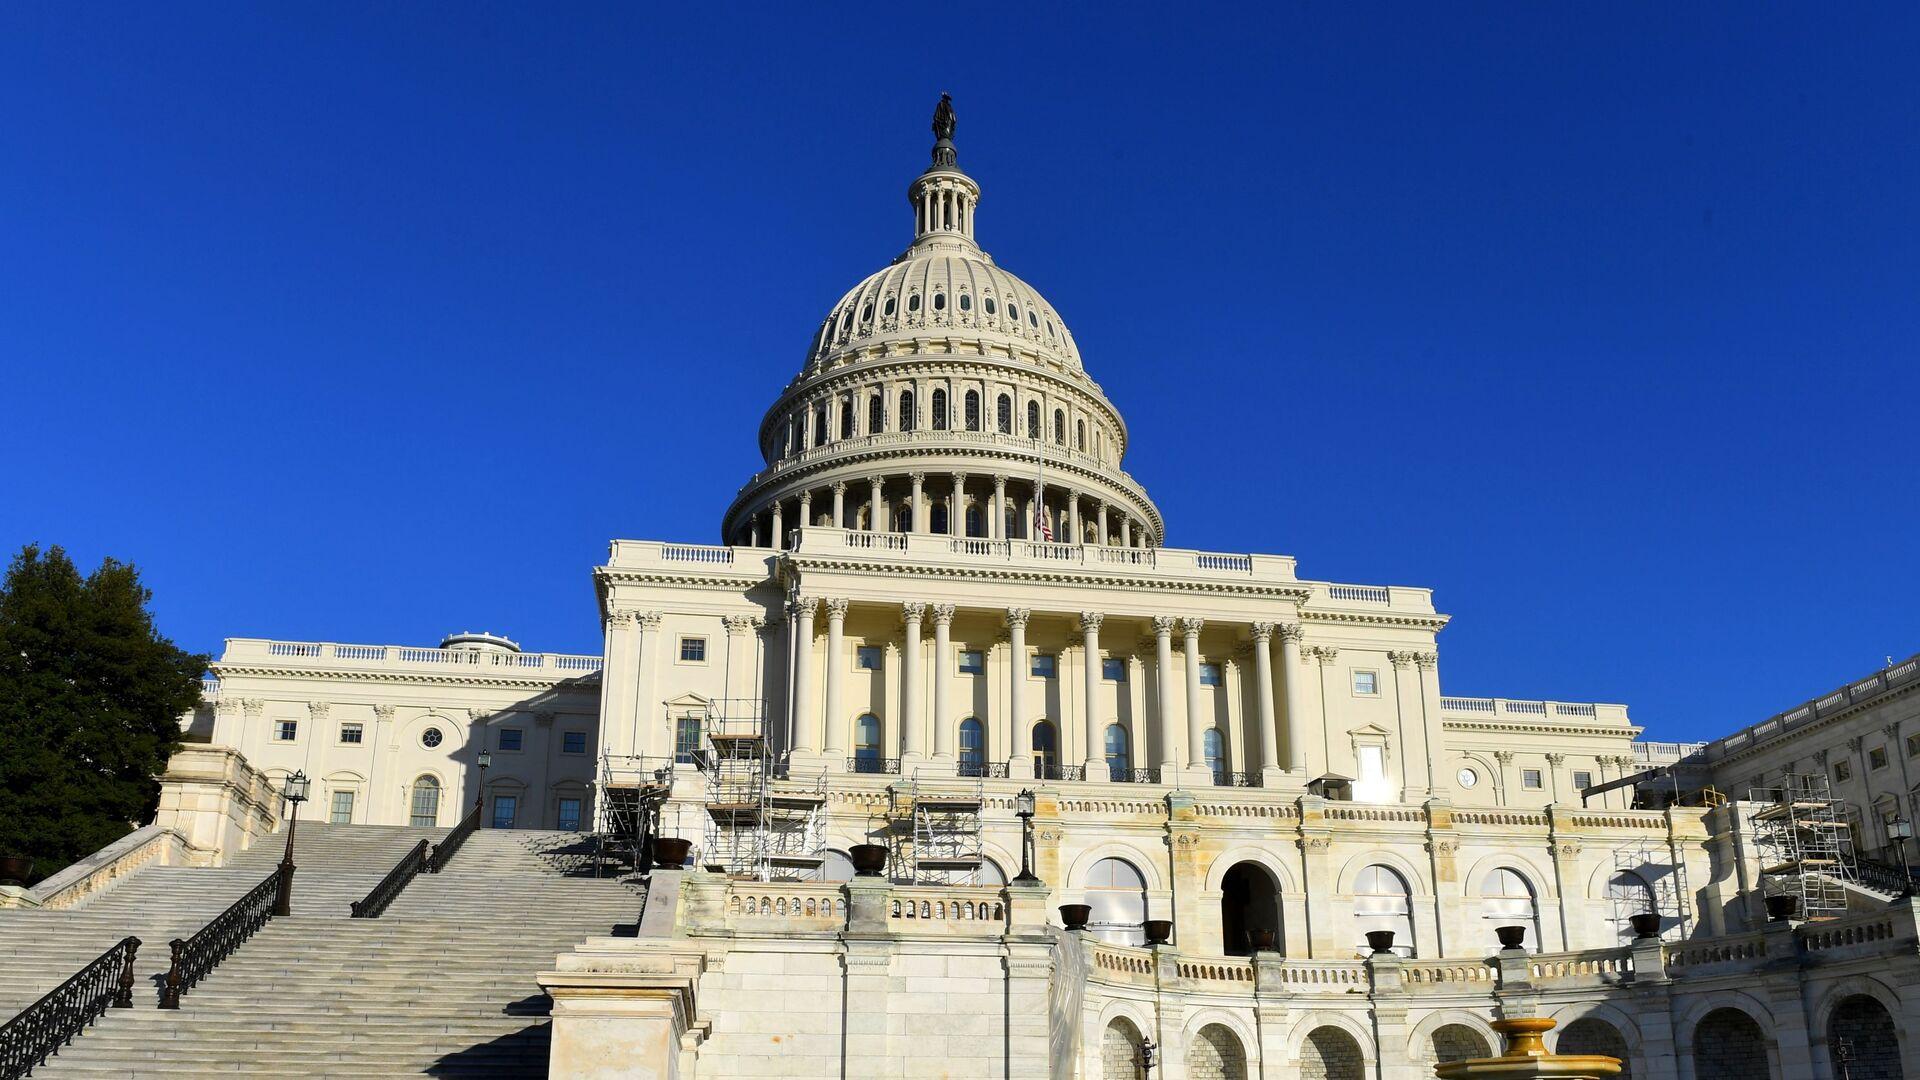 Капитолий (United States Capitol) на Капитолийском холме в Вашингтоне. - РИА Новости, 1920, 15.04.2021